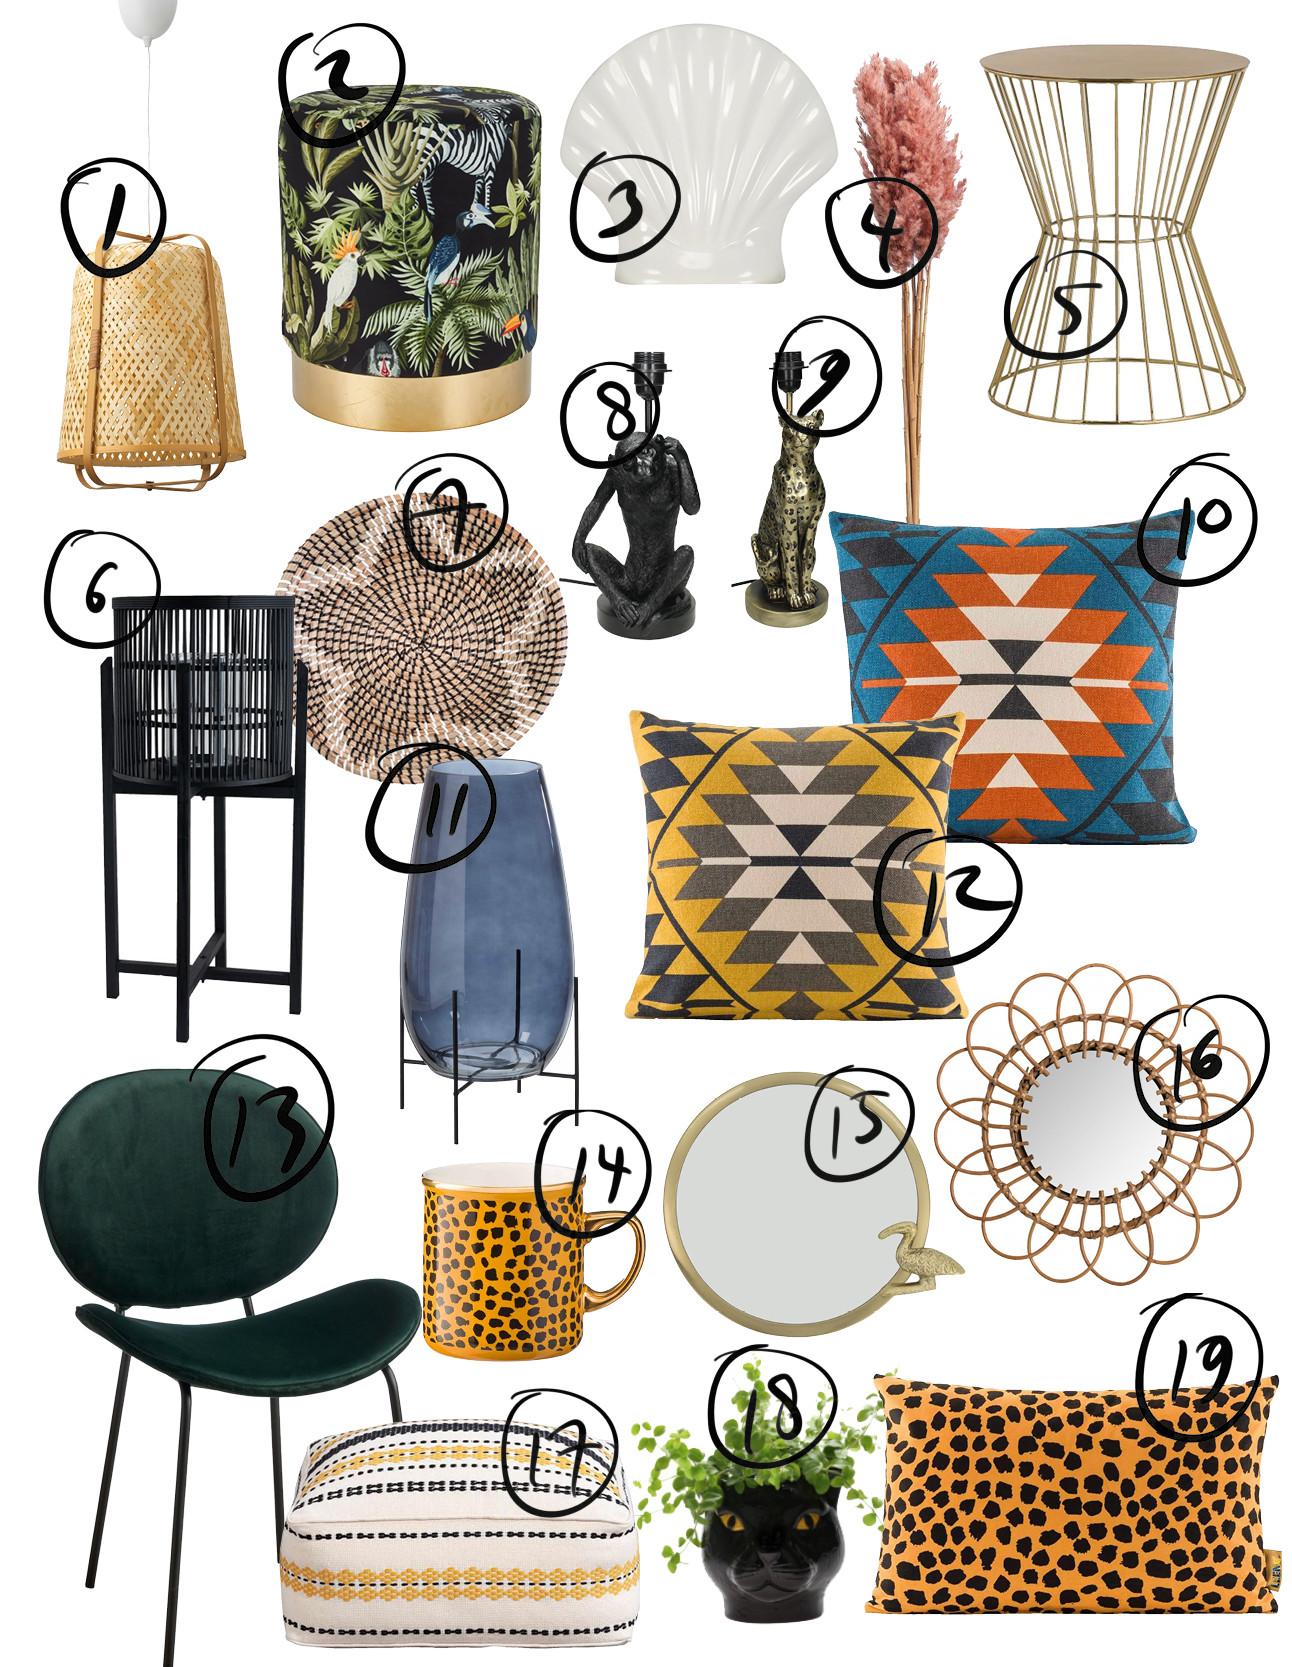 een Shopping van budget meubels